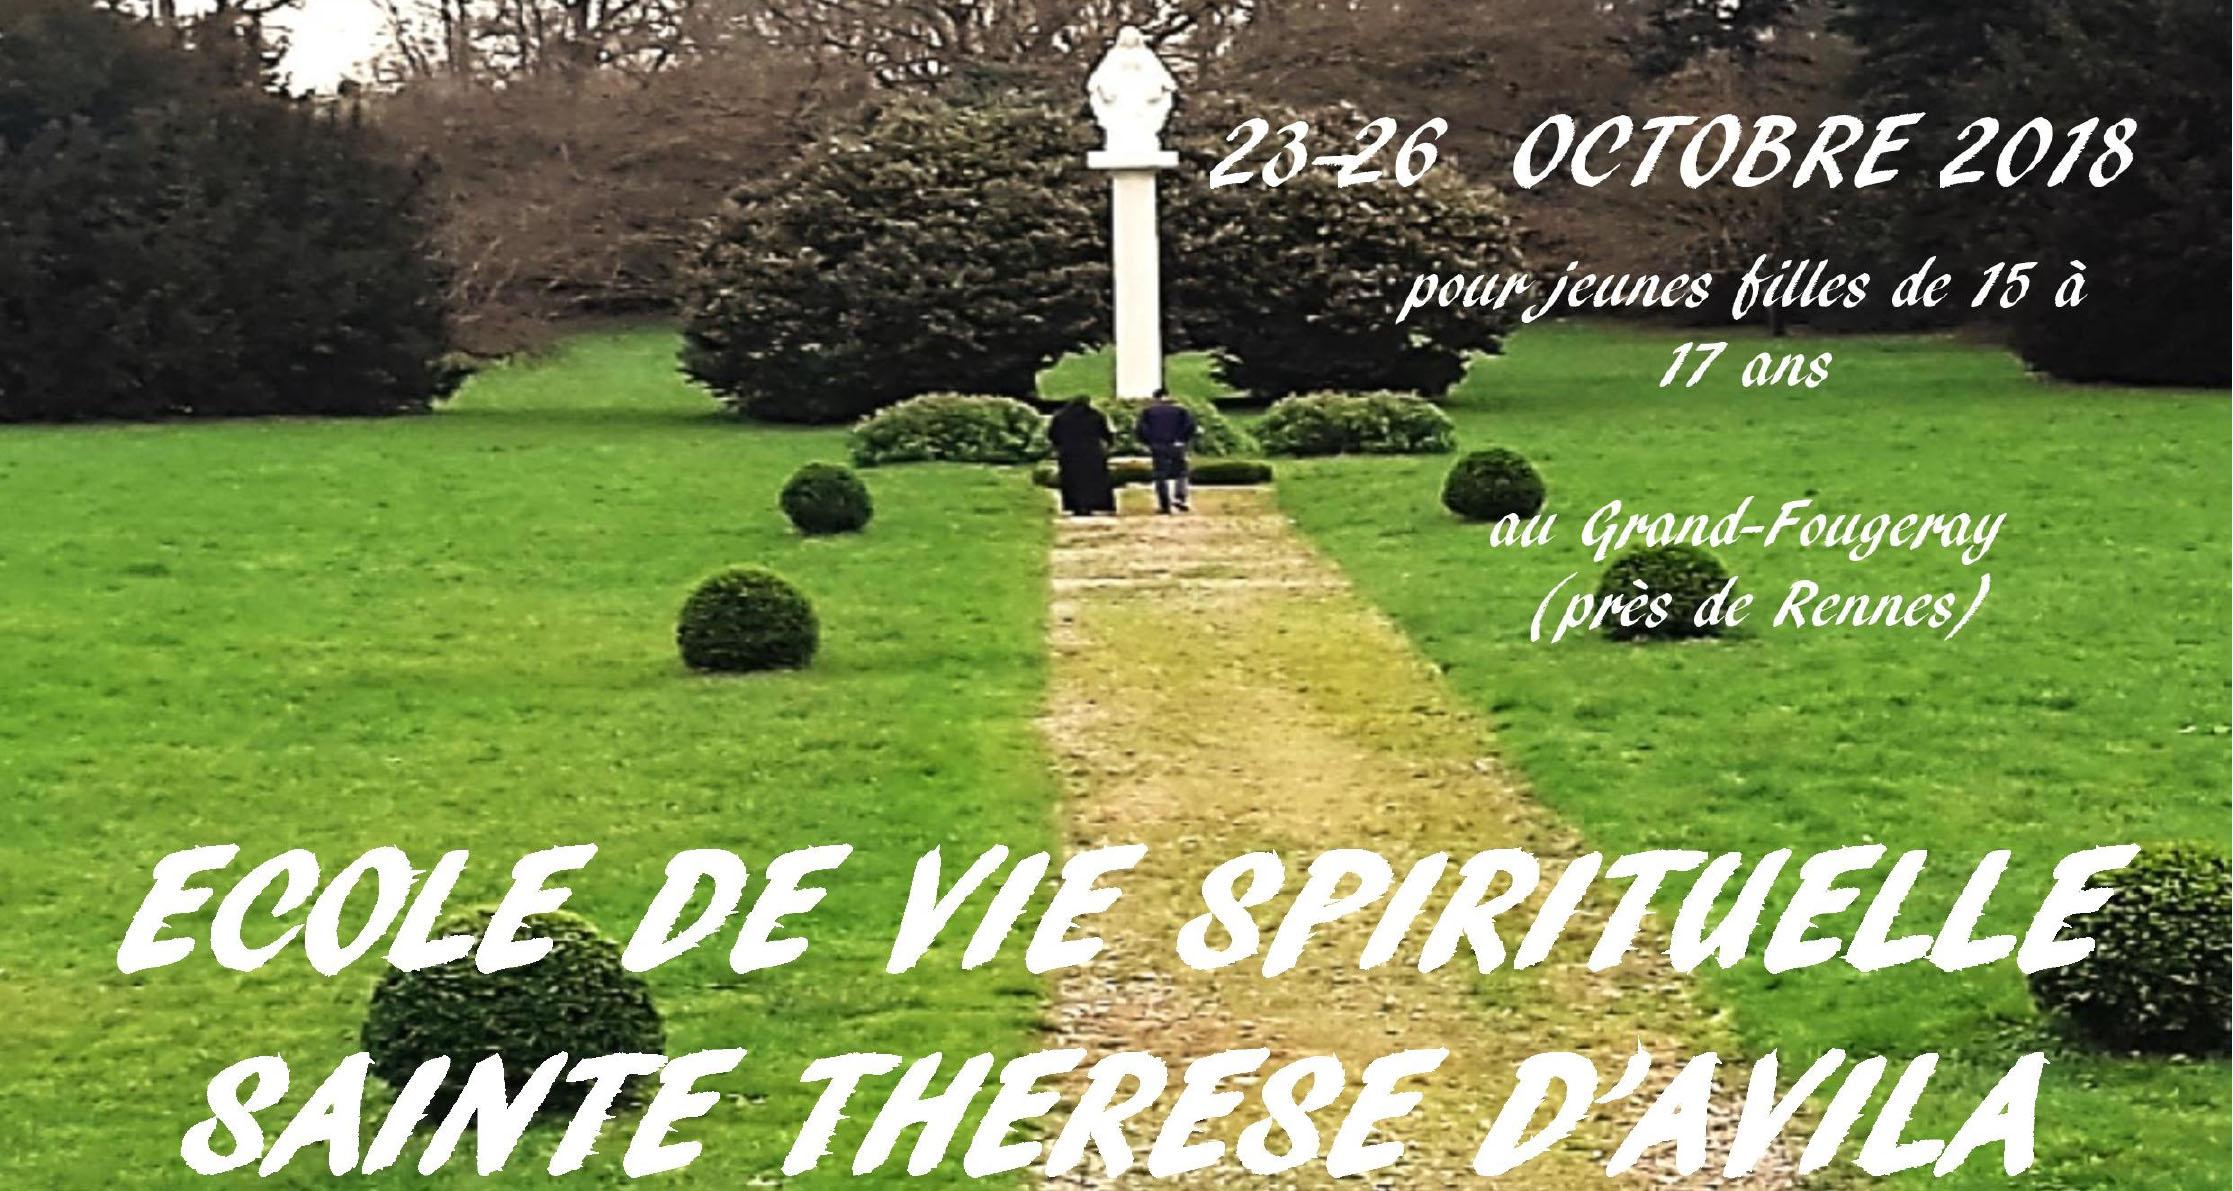 Ecole de vie spirituelle sainte Thérèse d'Avila – Jeunes femmes de 15 à 17 ans du 23 au 26 octobre 2018 à Grand Fougeray (35)